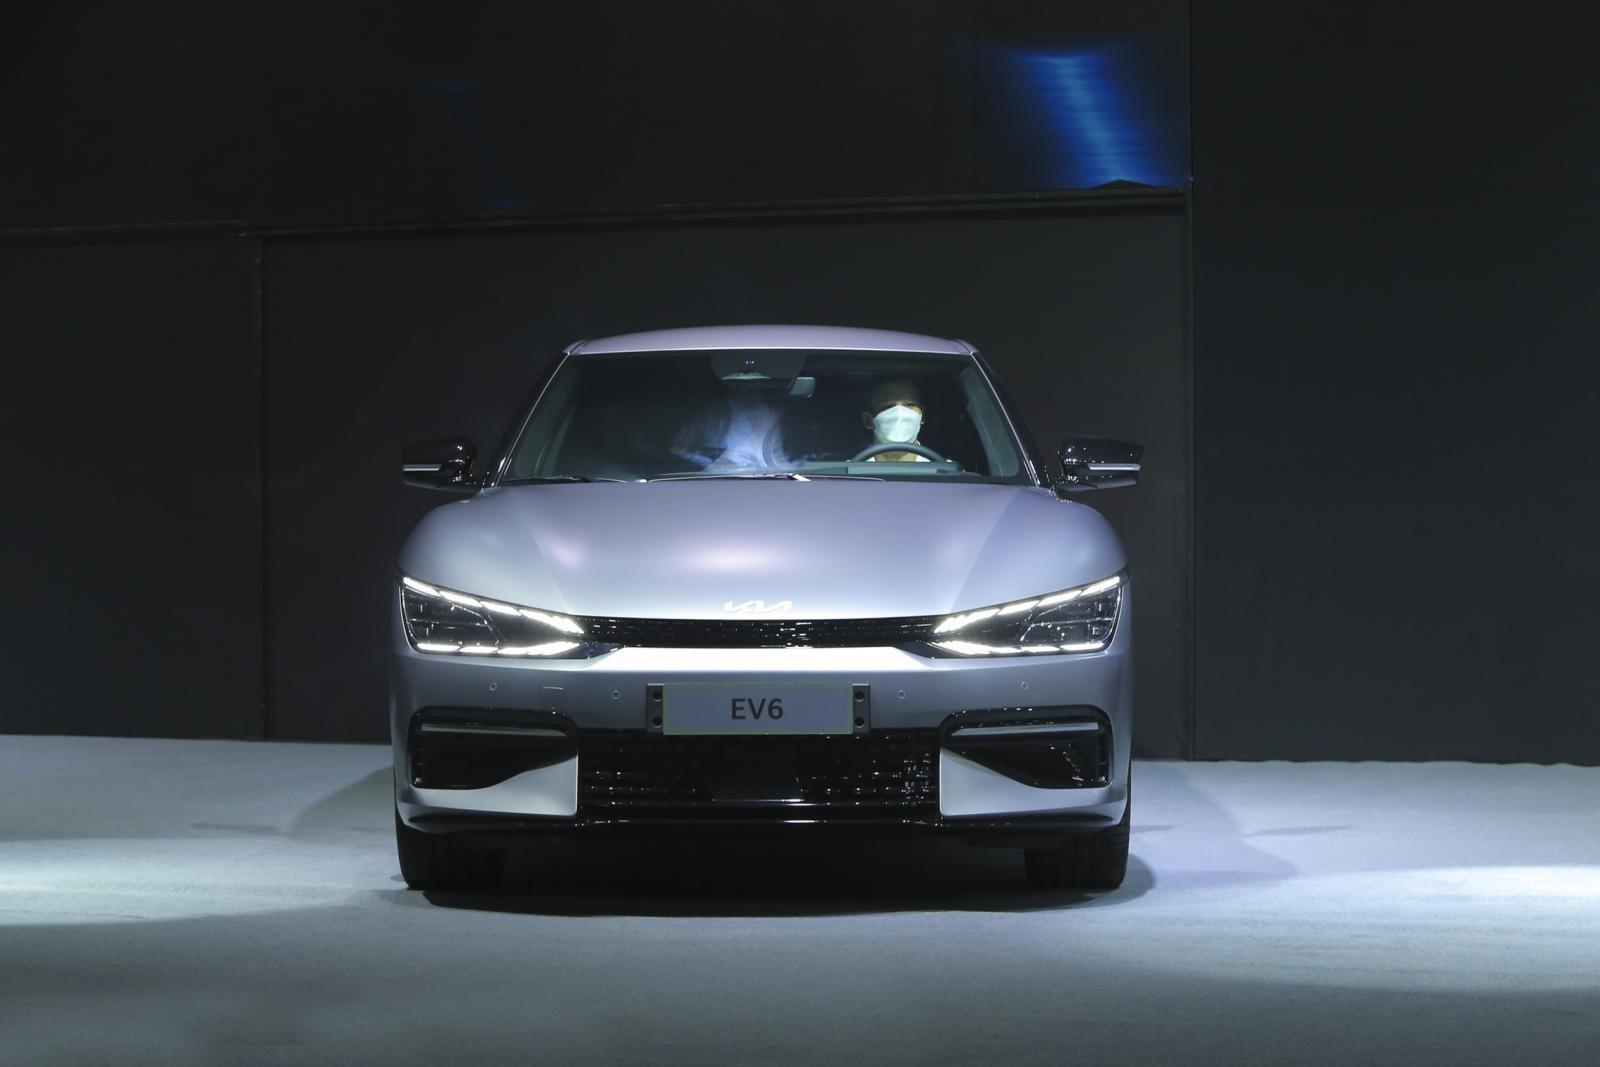 Mẫu xe điện của Hàn Quốc sử dụng chung nền tảng E-GMP với Hyundai Ioniq 5. 1